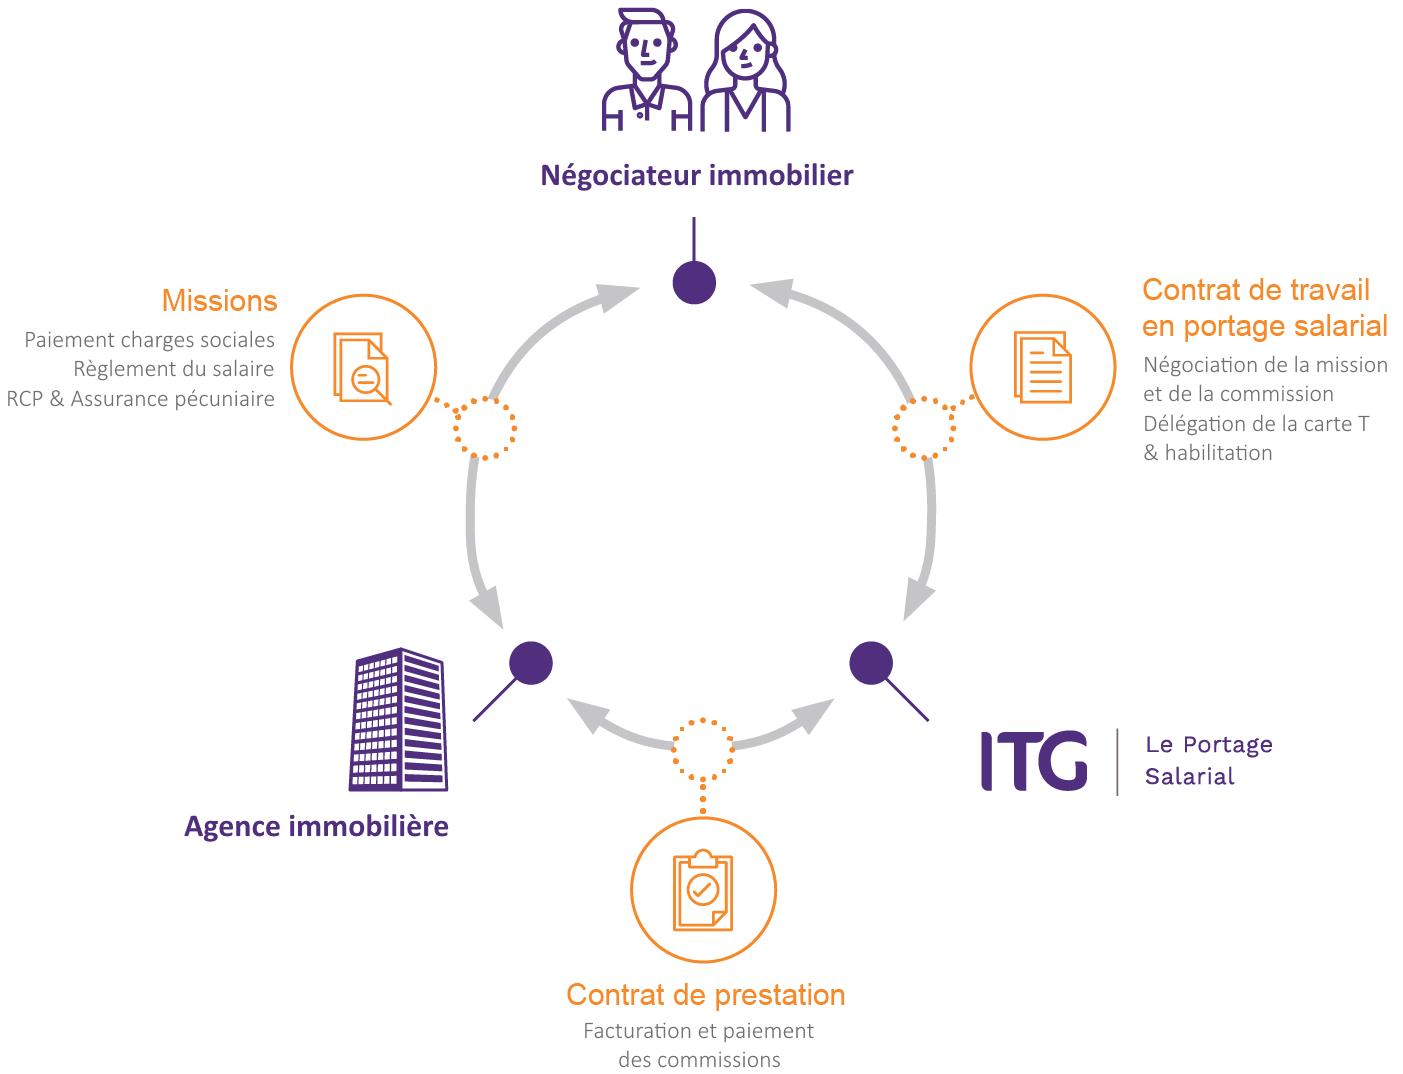 Portage salarial immobilier : schéma du fonctionnement avec ITG